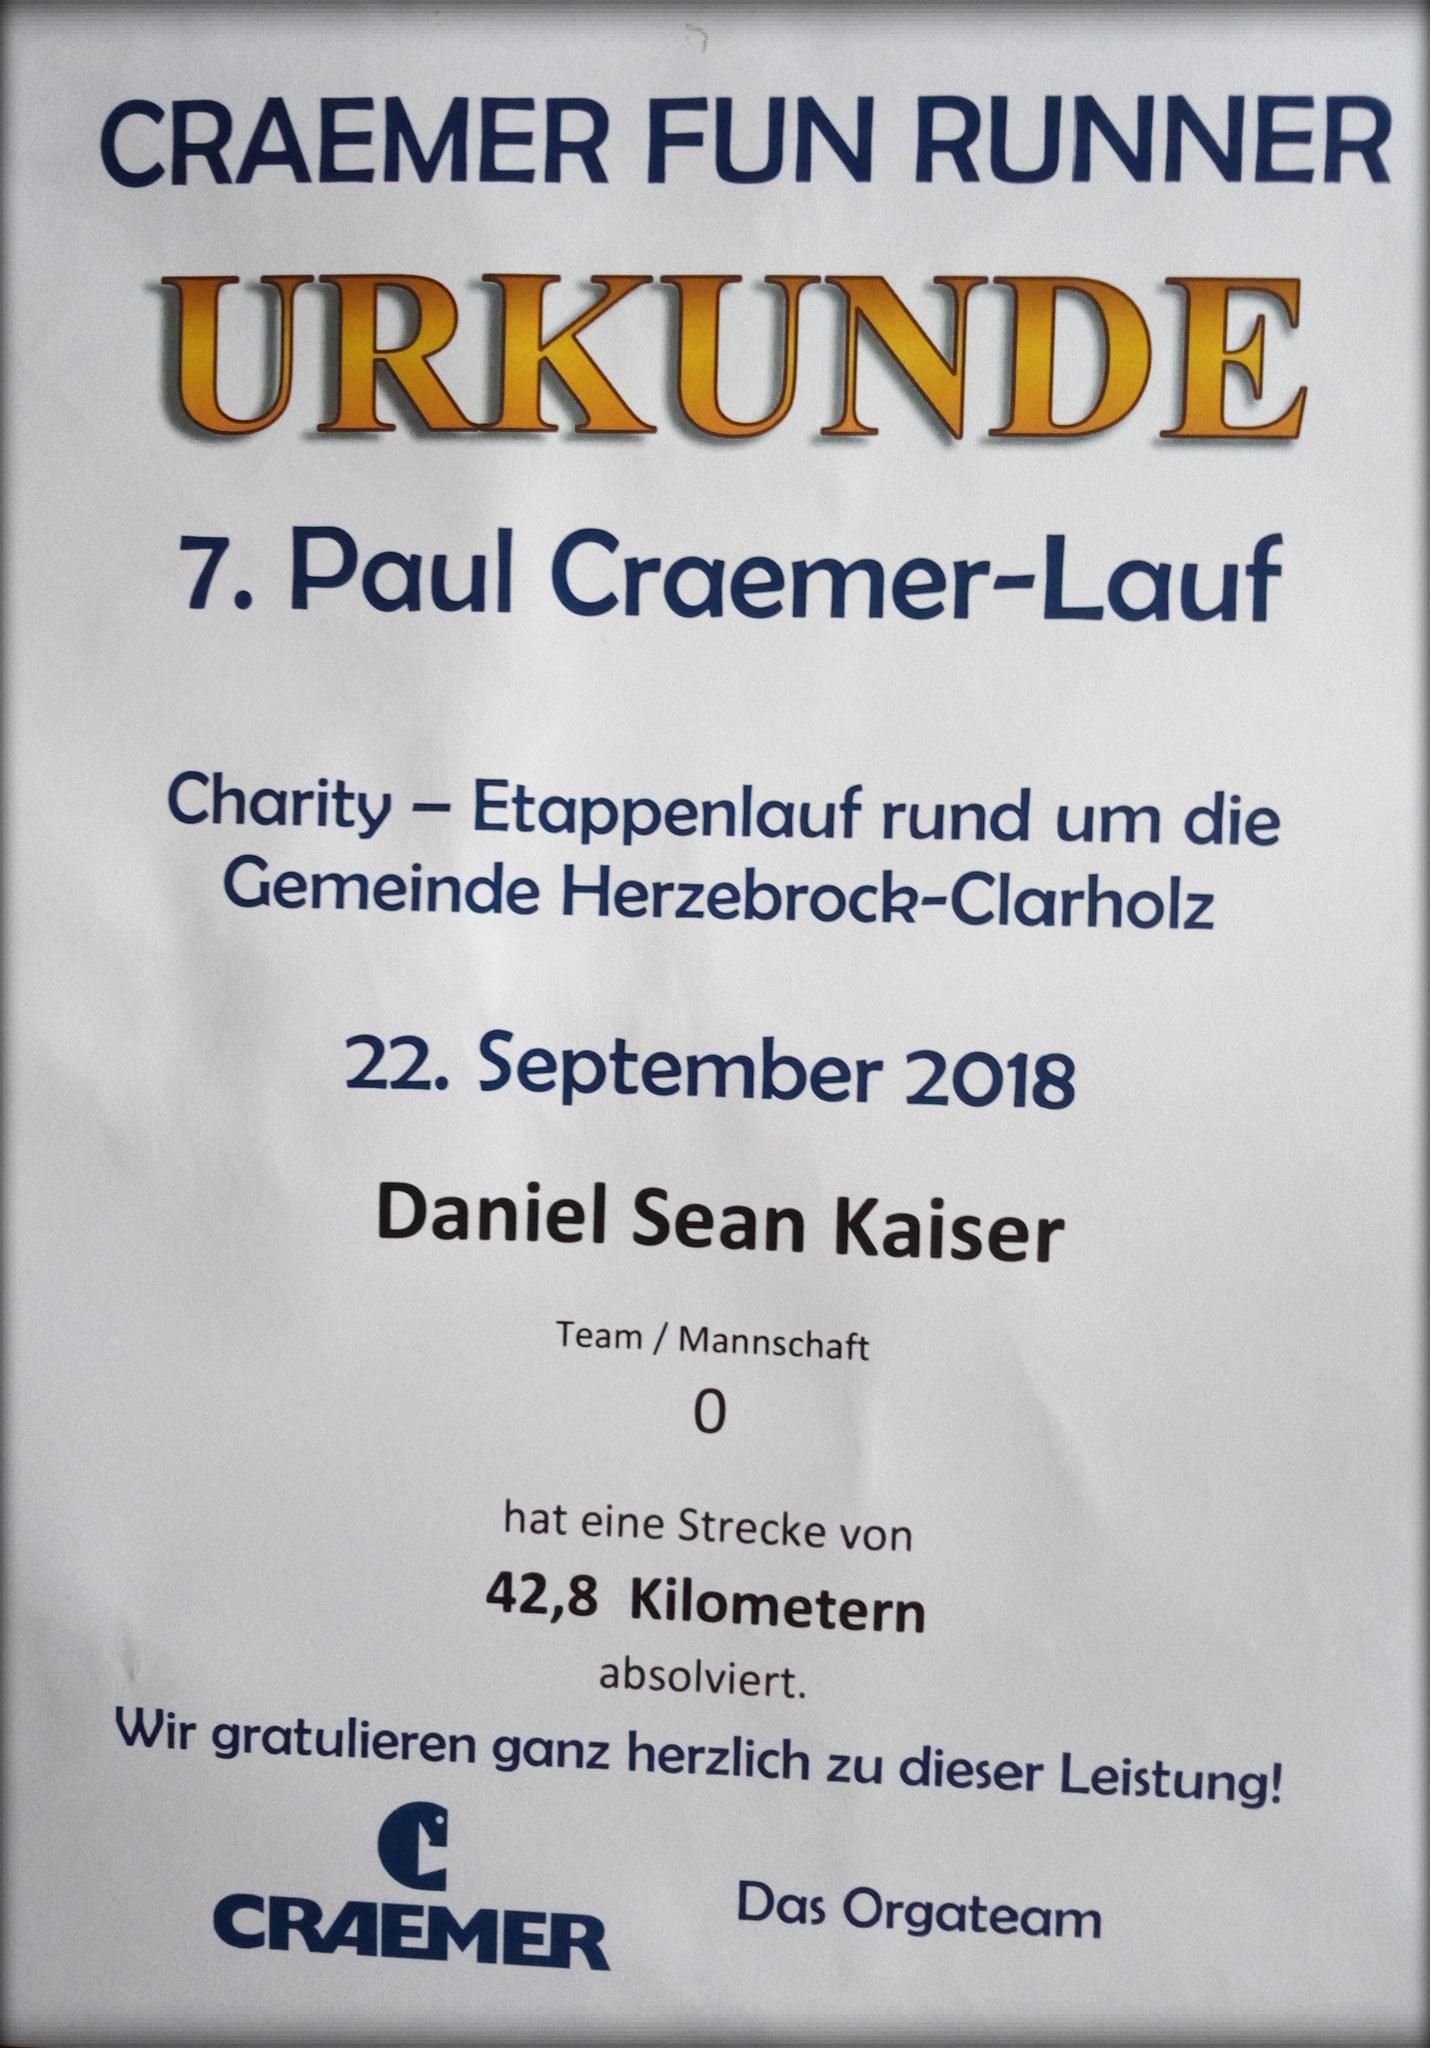 Craemer Fun Runner Marathon 2018 - Urkunde